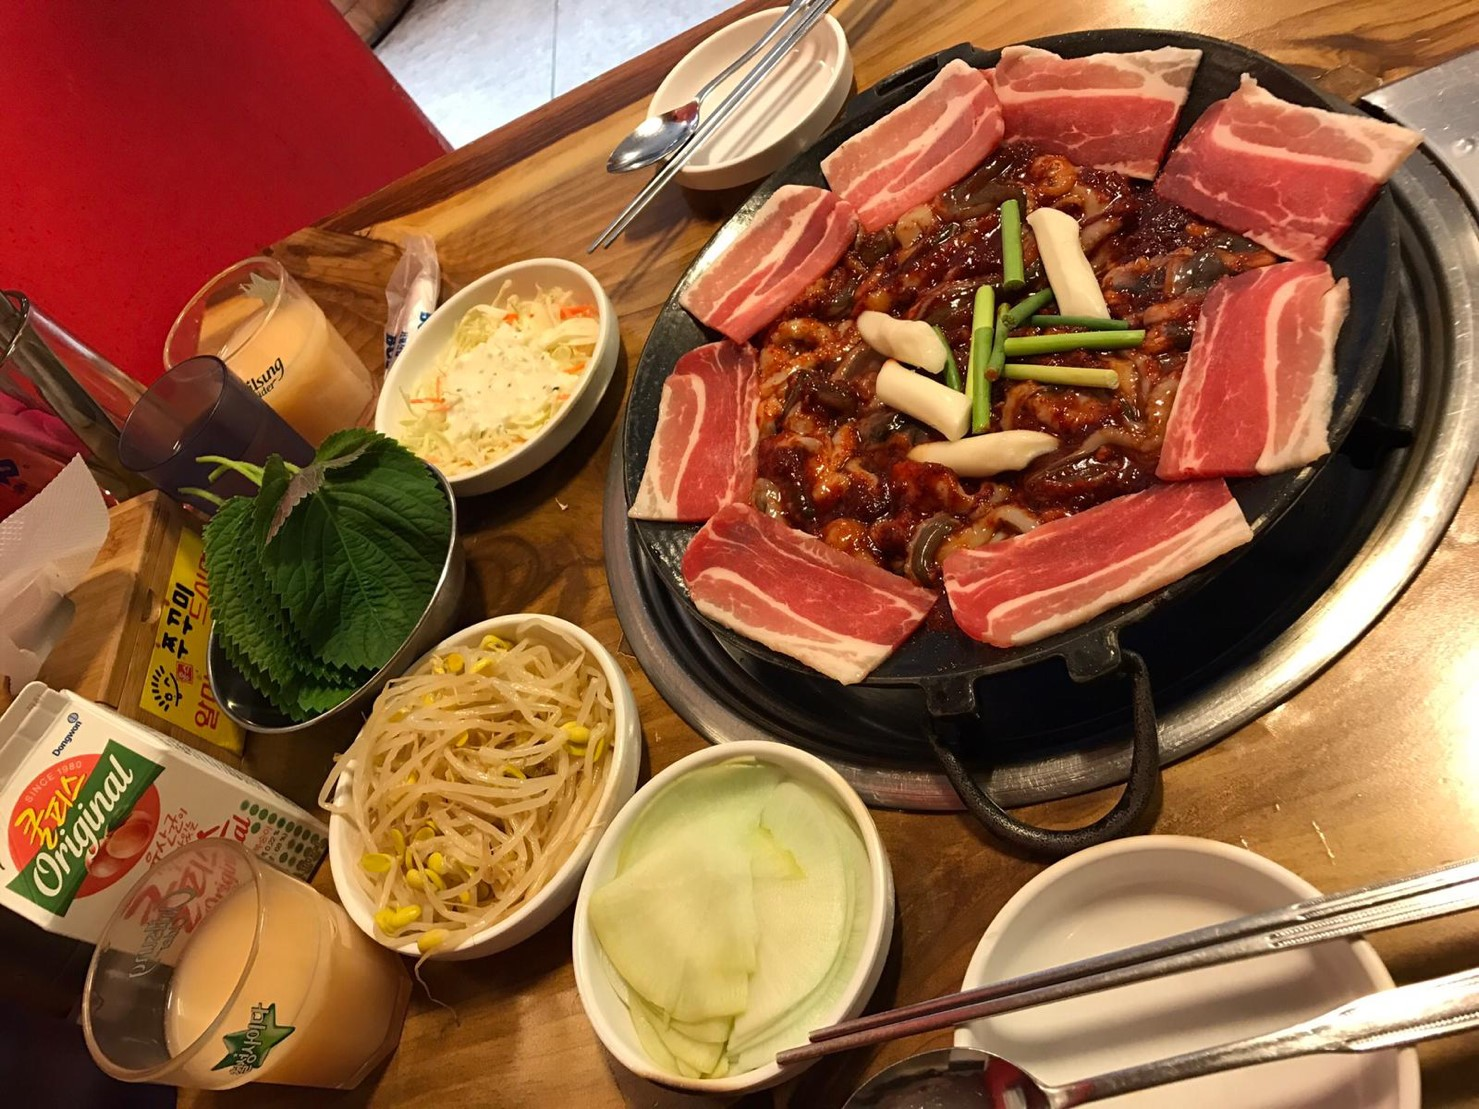 ▲韓國辣炒年糕以及烤腸,是瑤瑤每次去韓國必吃美食。